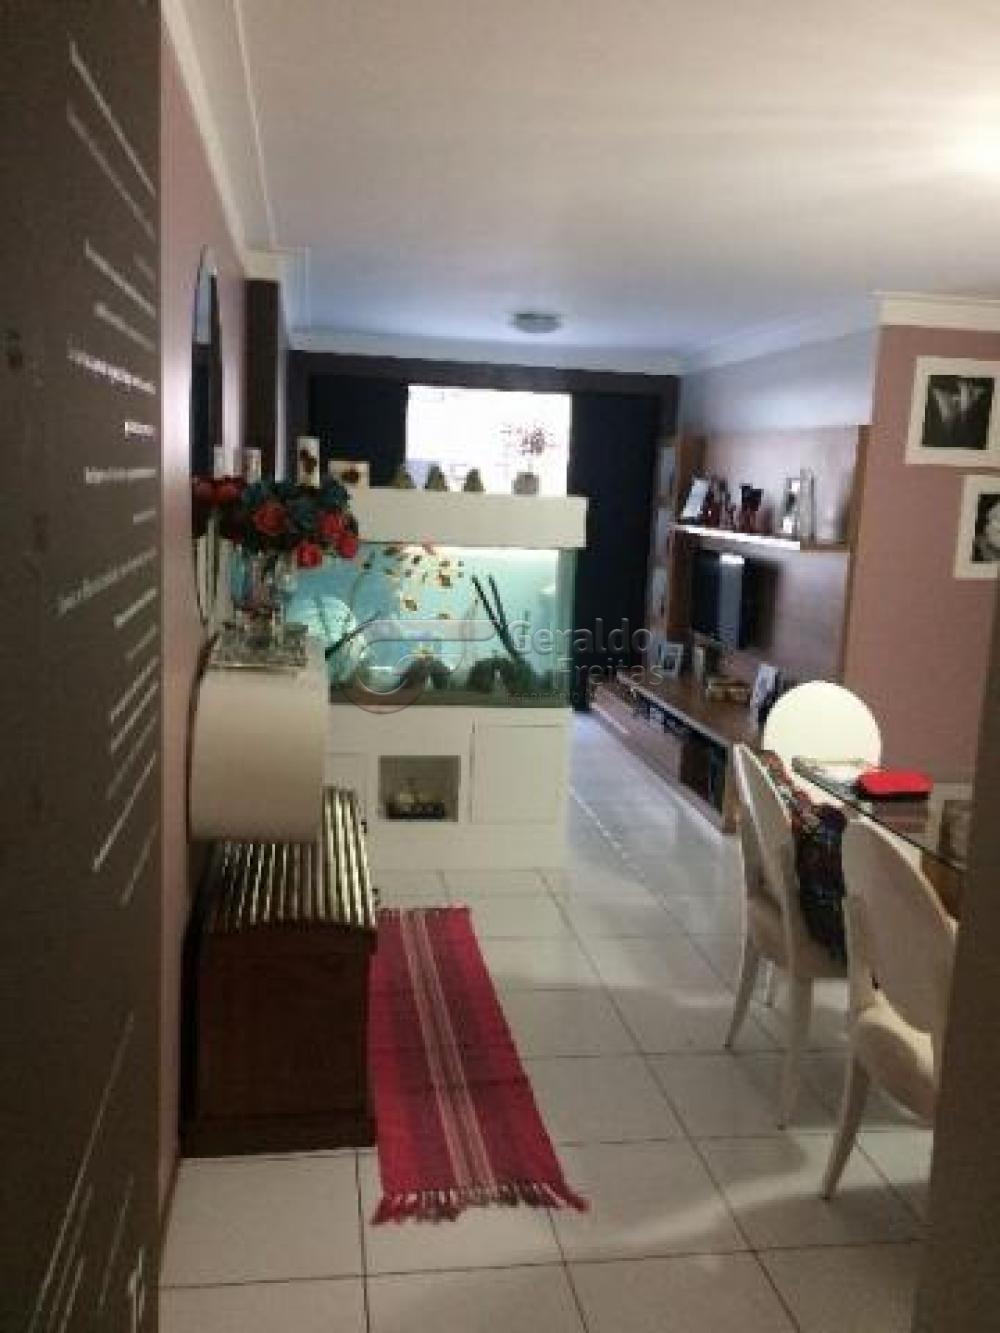 Apartamentos 03 Quartos Jati Ca Macei R 370 000 00 C D 7322